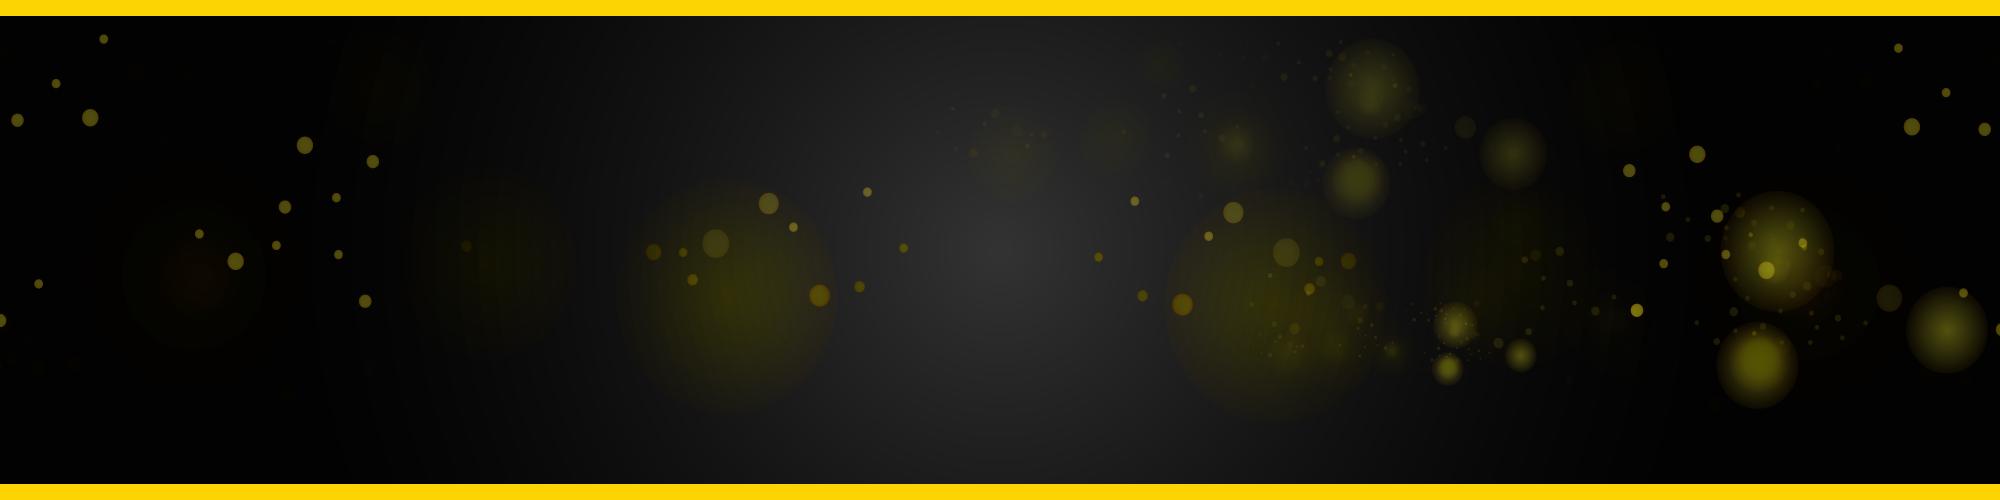 final-slider-background